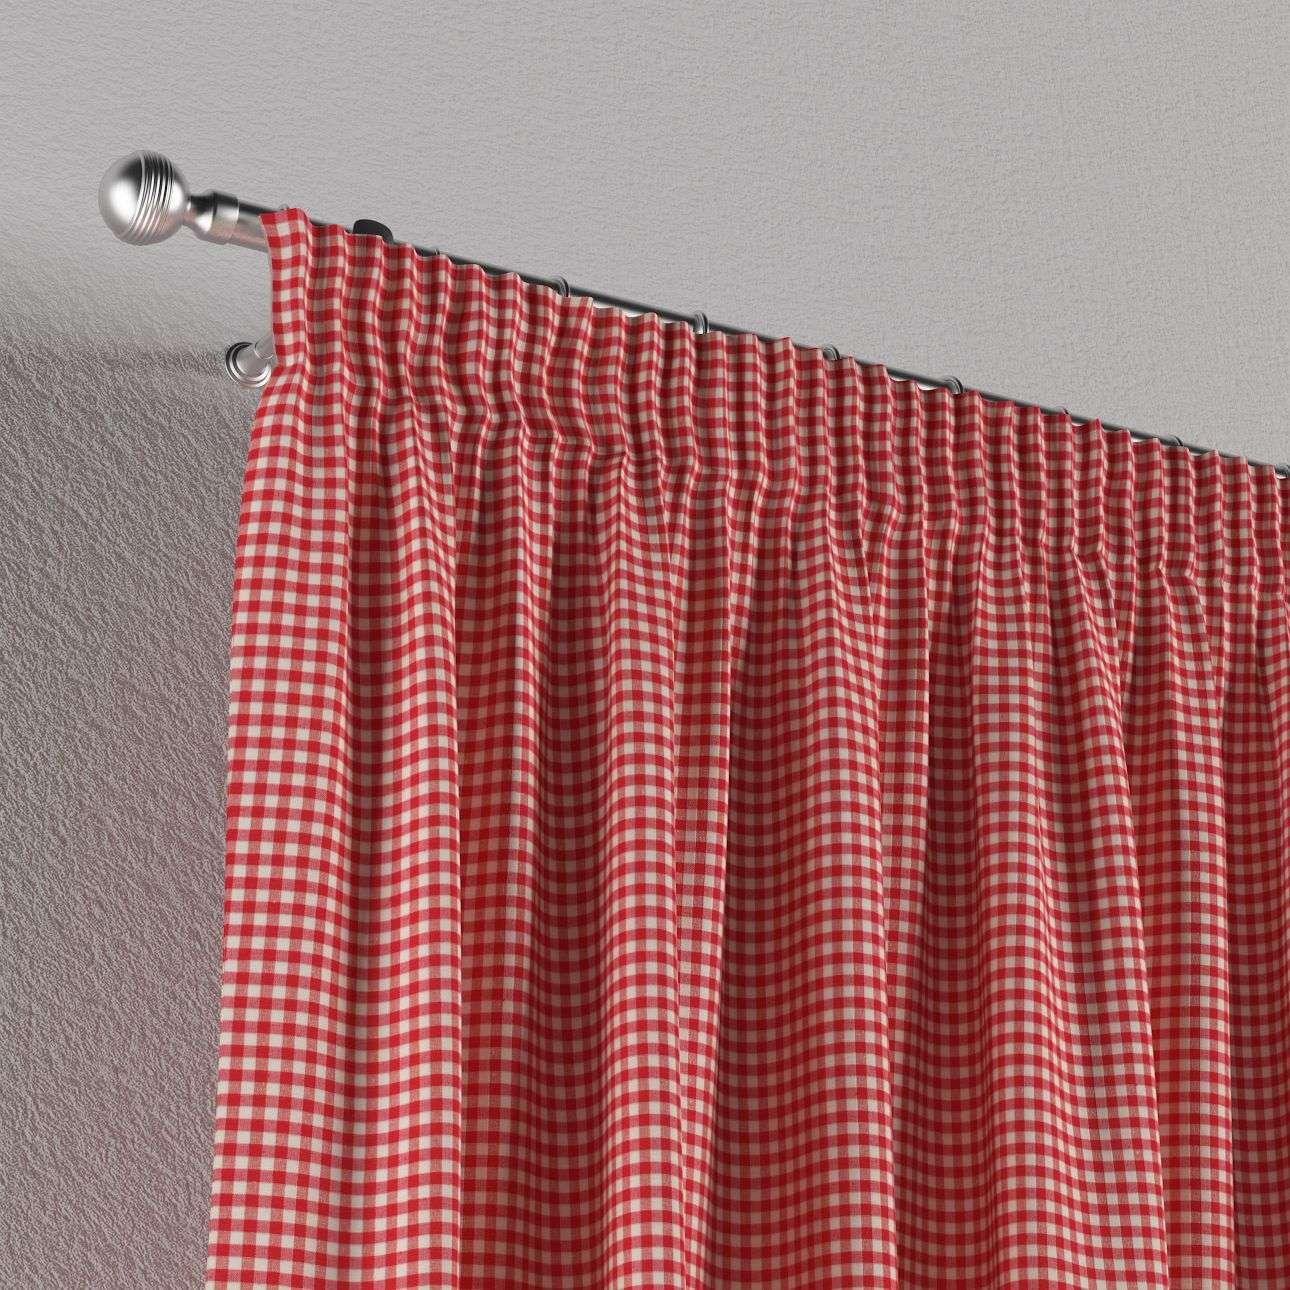 Vorhang mit Kräuselband 1 Stck. 130 x 260 cm von der Kollektion Quadro, Stoff: 136-15